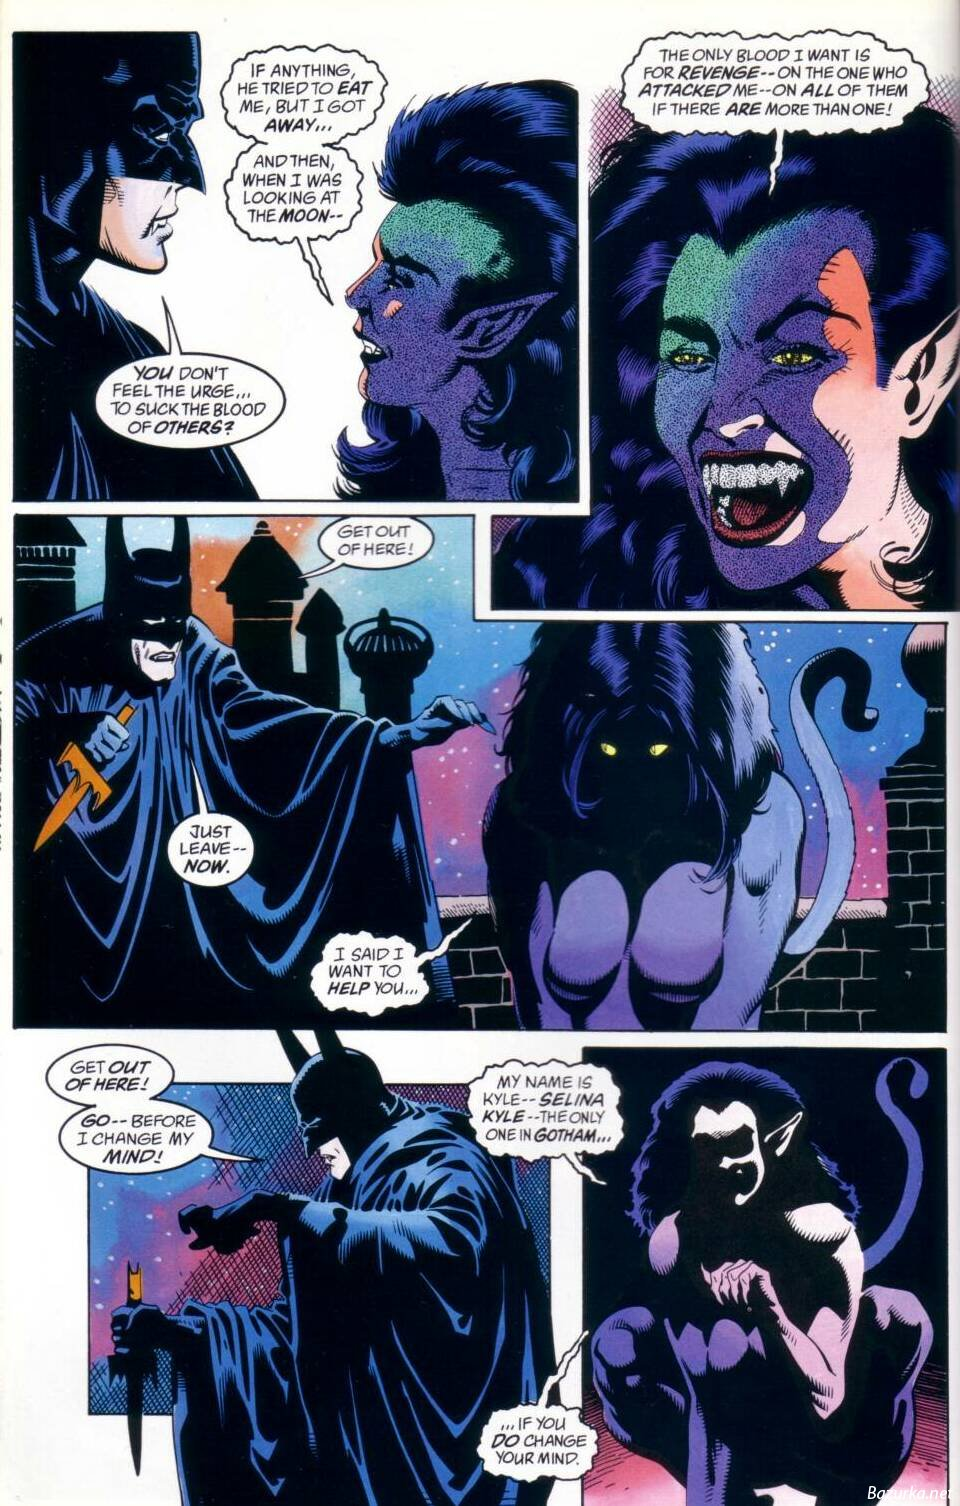 Комиксы Бэтмен Вампир (Две Части) » Легендарный портал ...